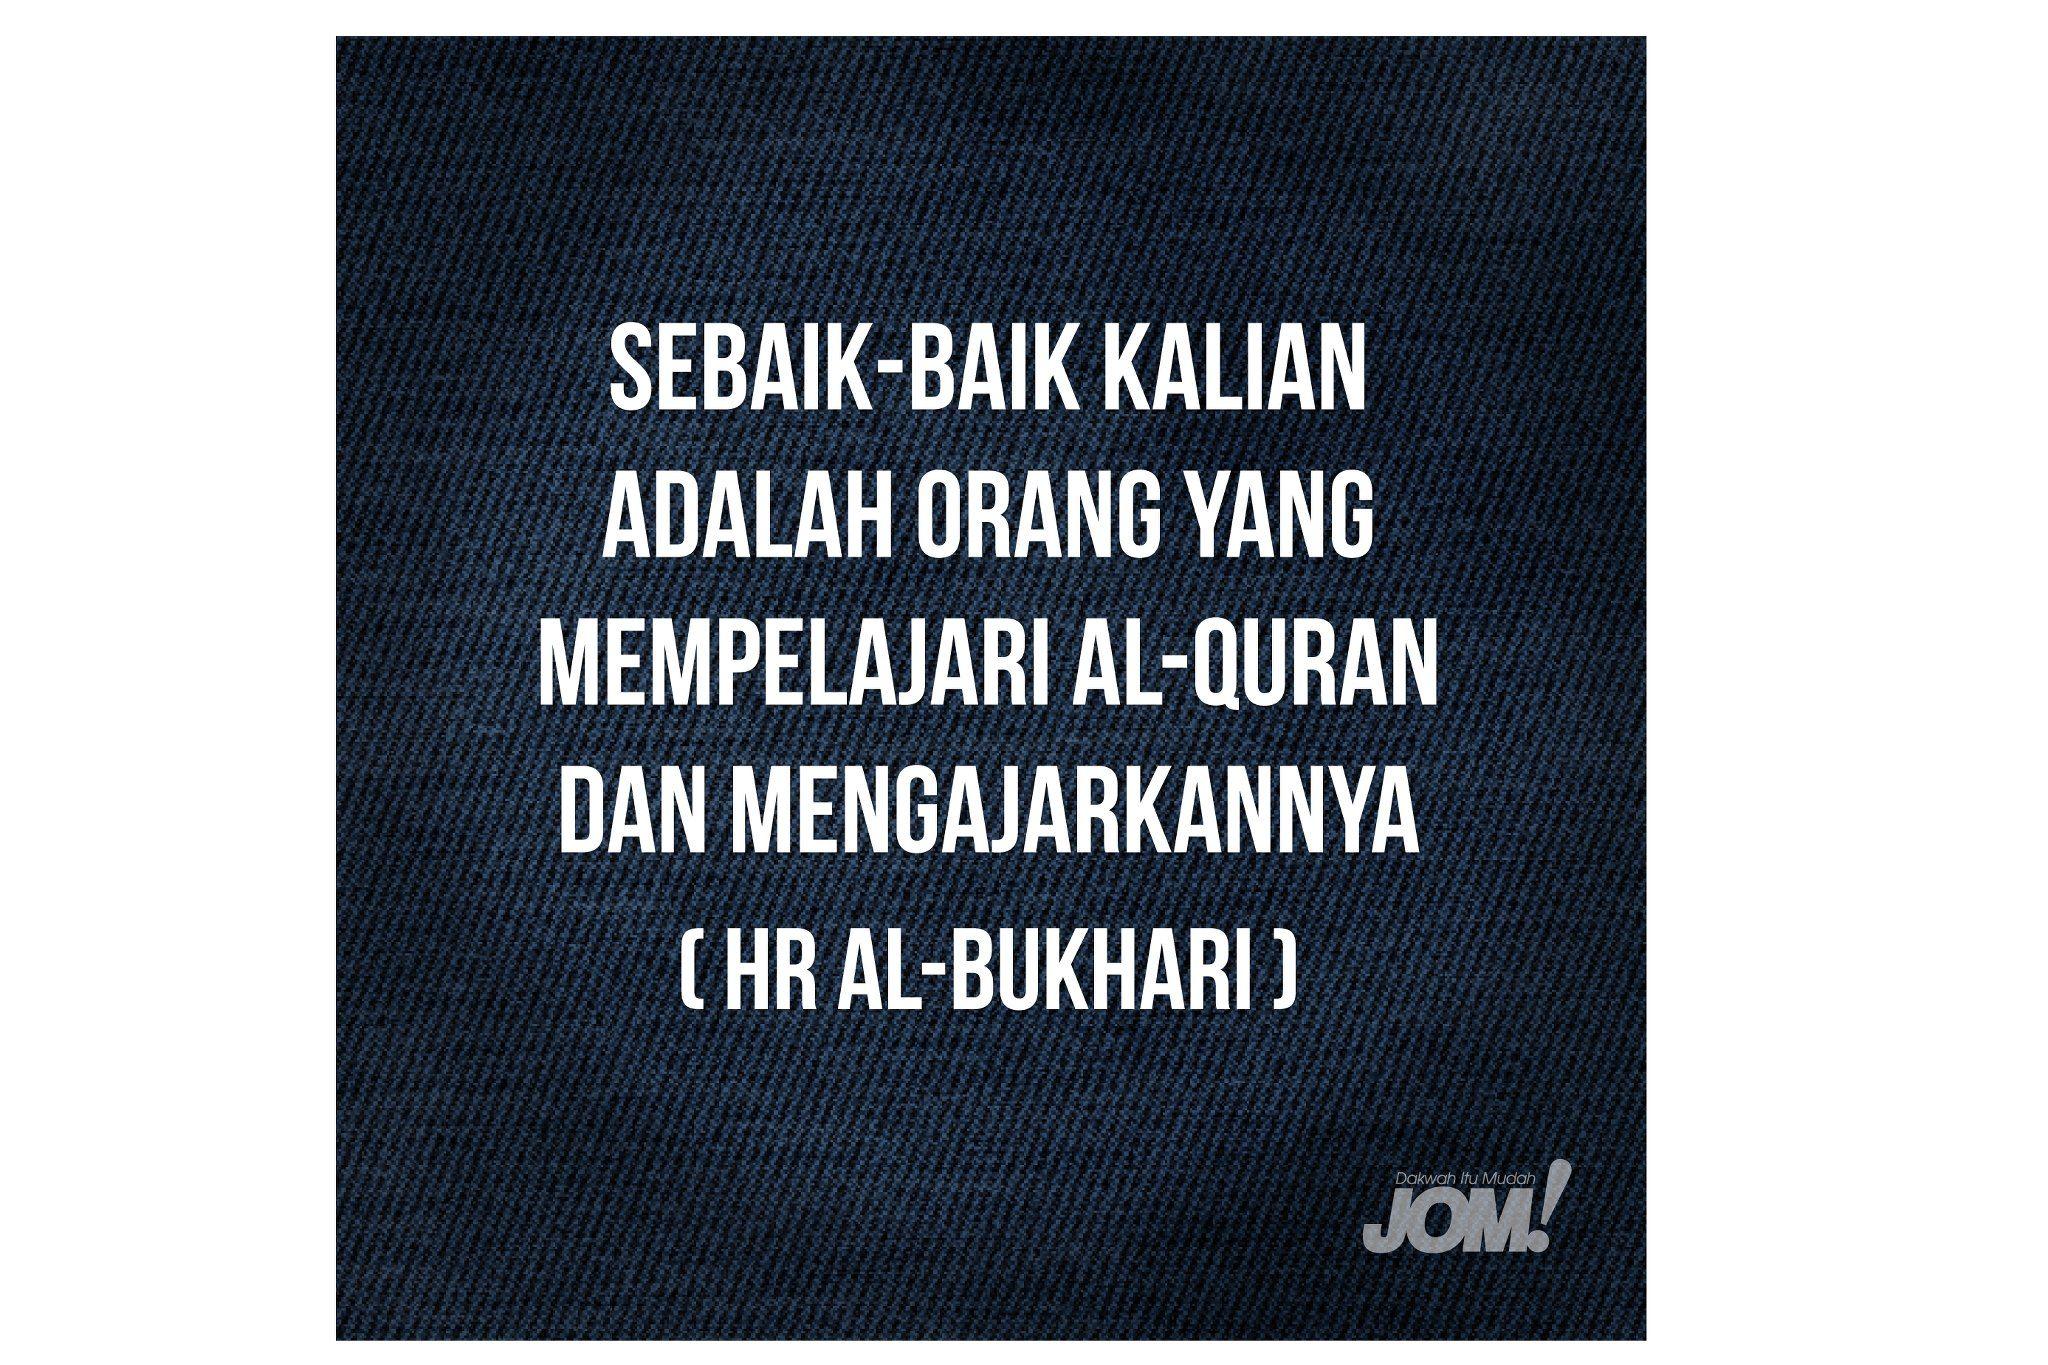 """""""Sebaik baik kalian adalah orang yang mempelajari al Quran dan mengajarkannya """""""